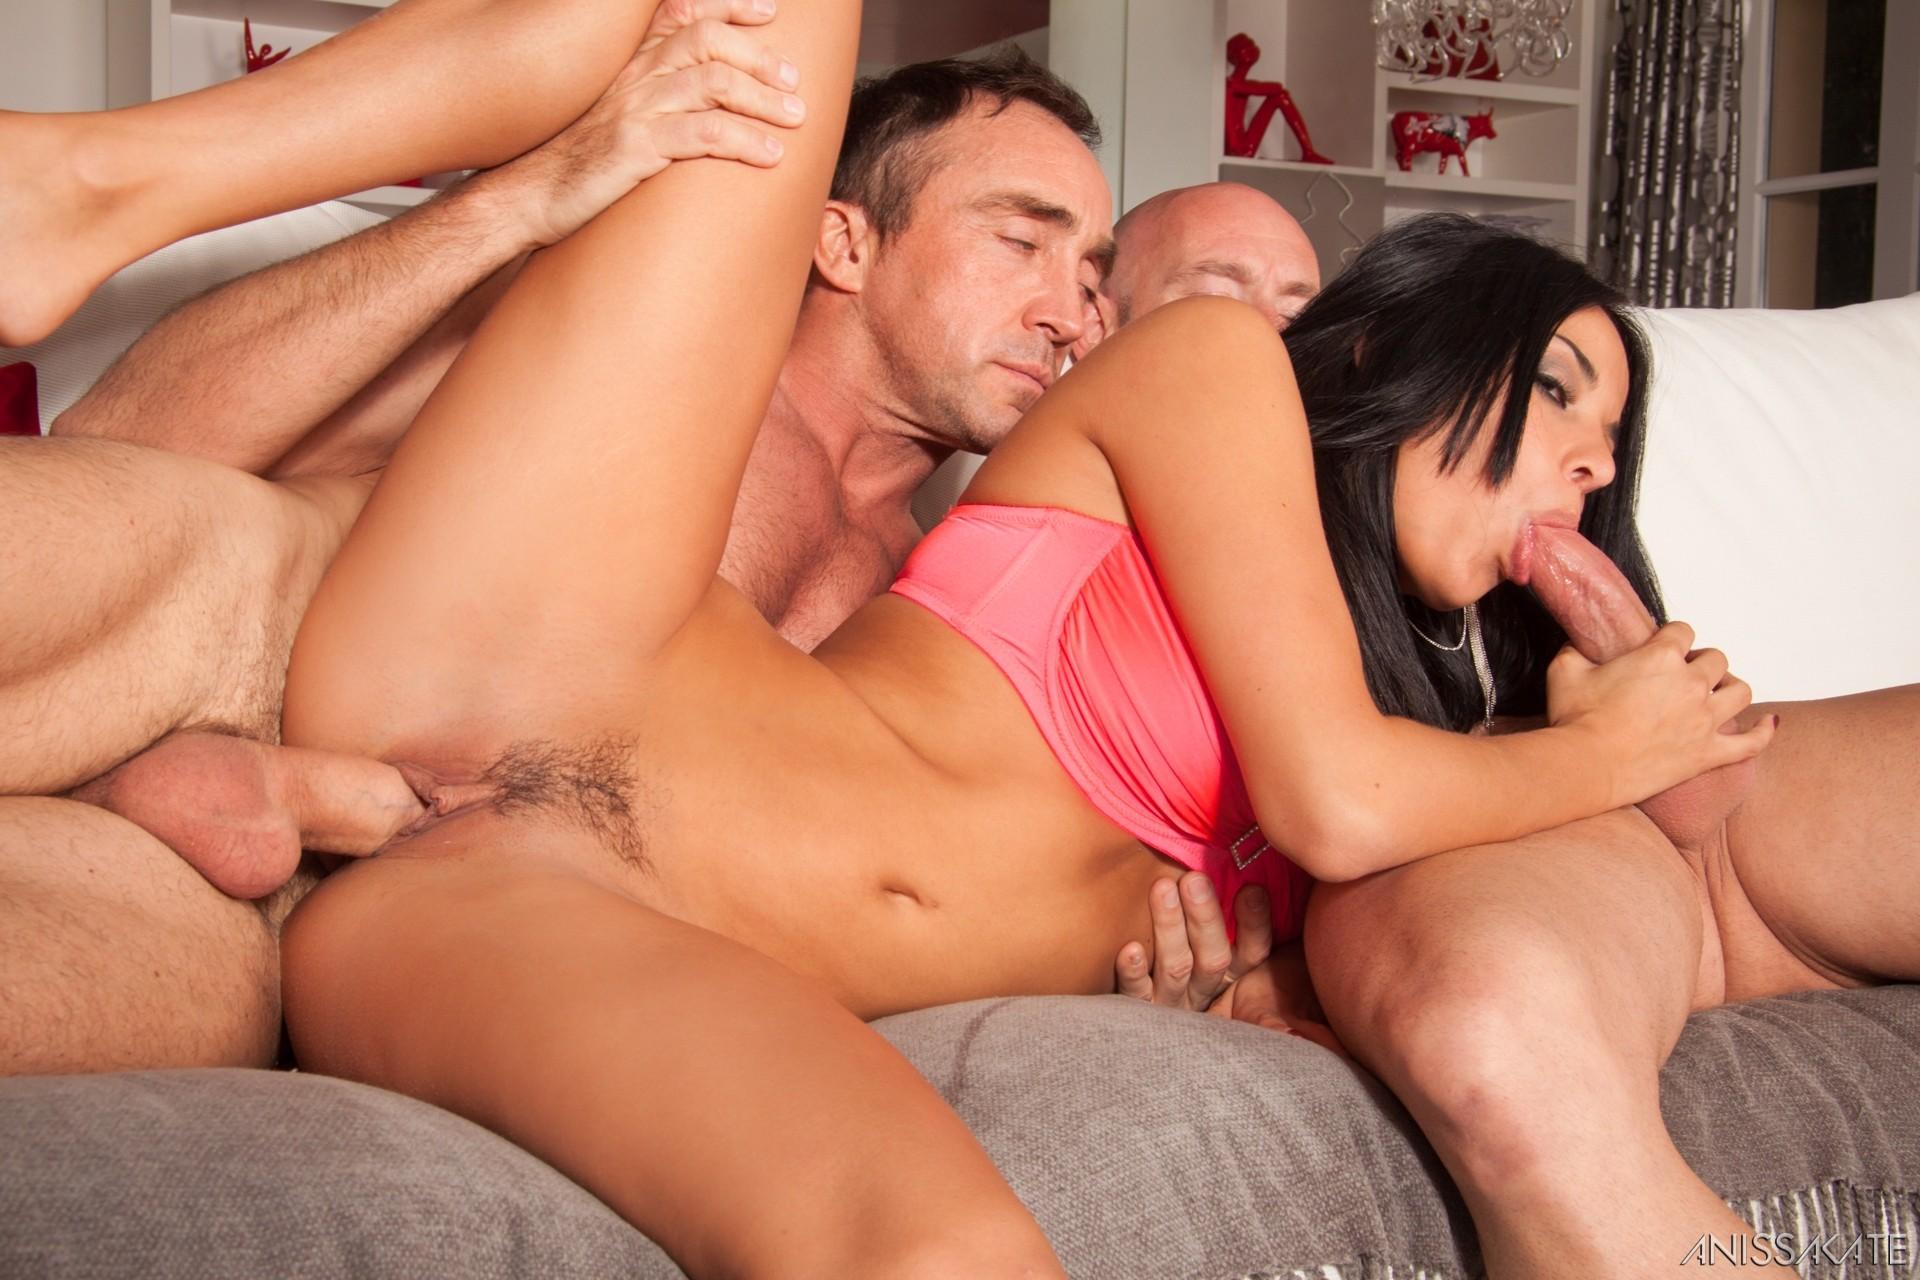 Мужик со своим другом жарят елитную проститутку в два ствола